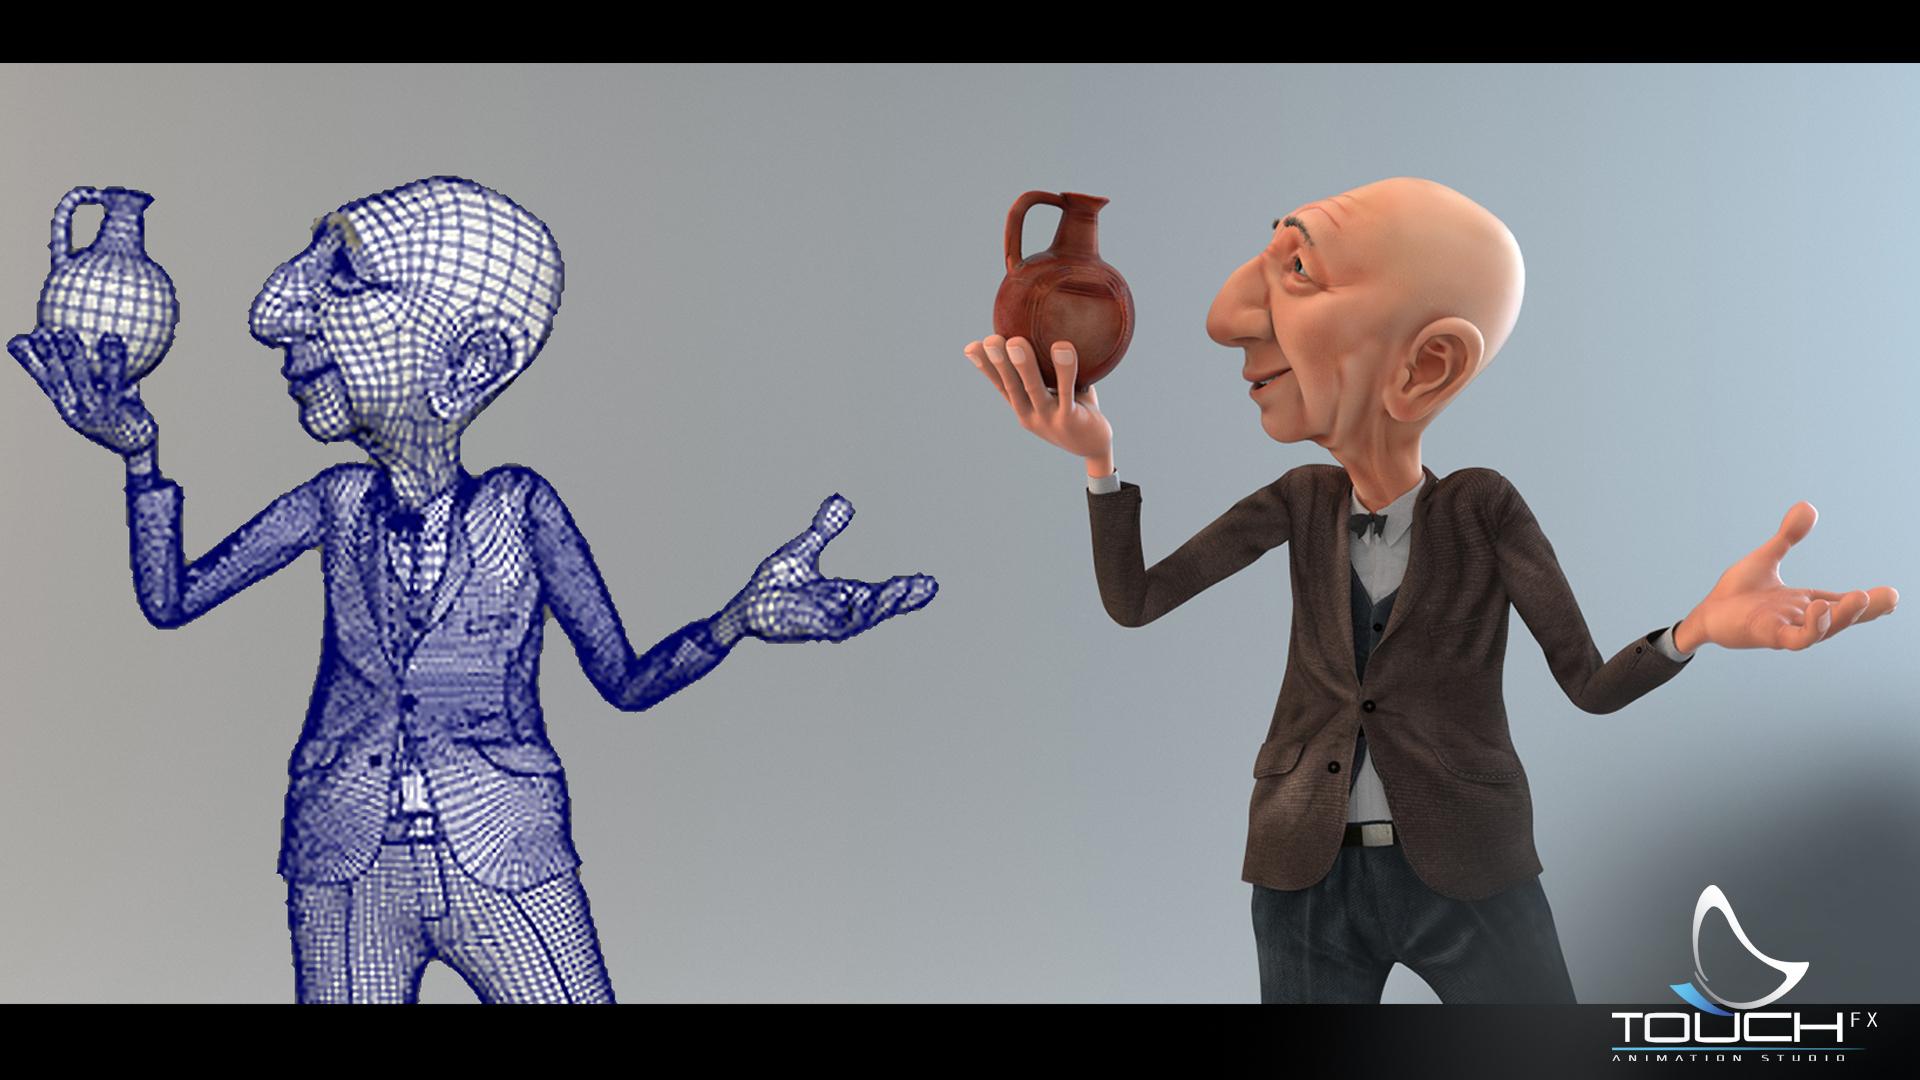 Картинки для создании анимации